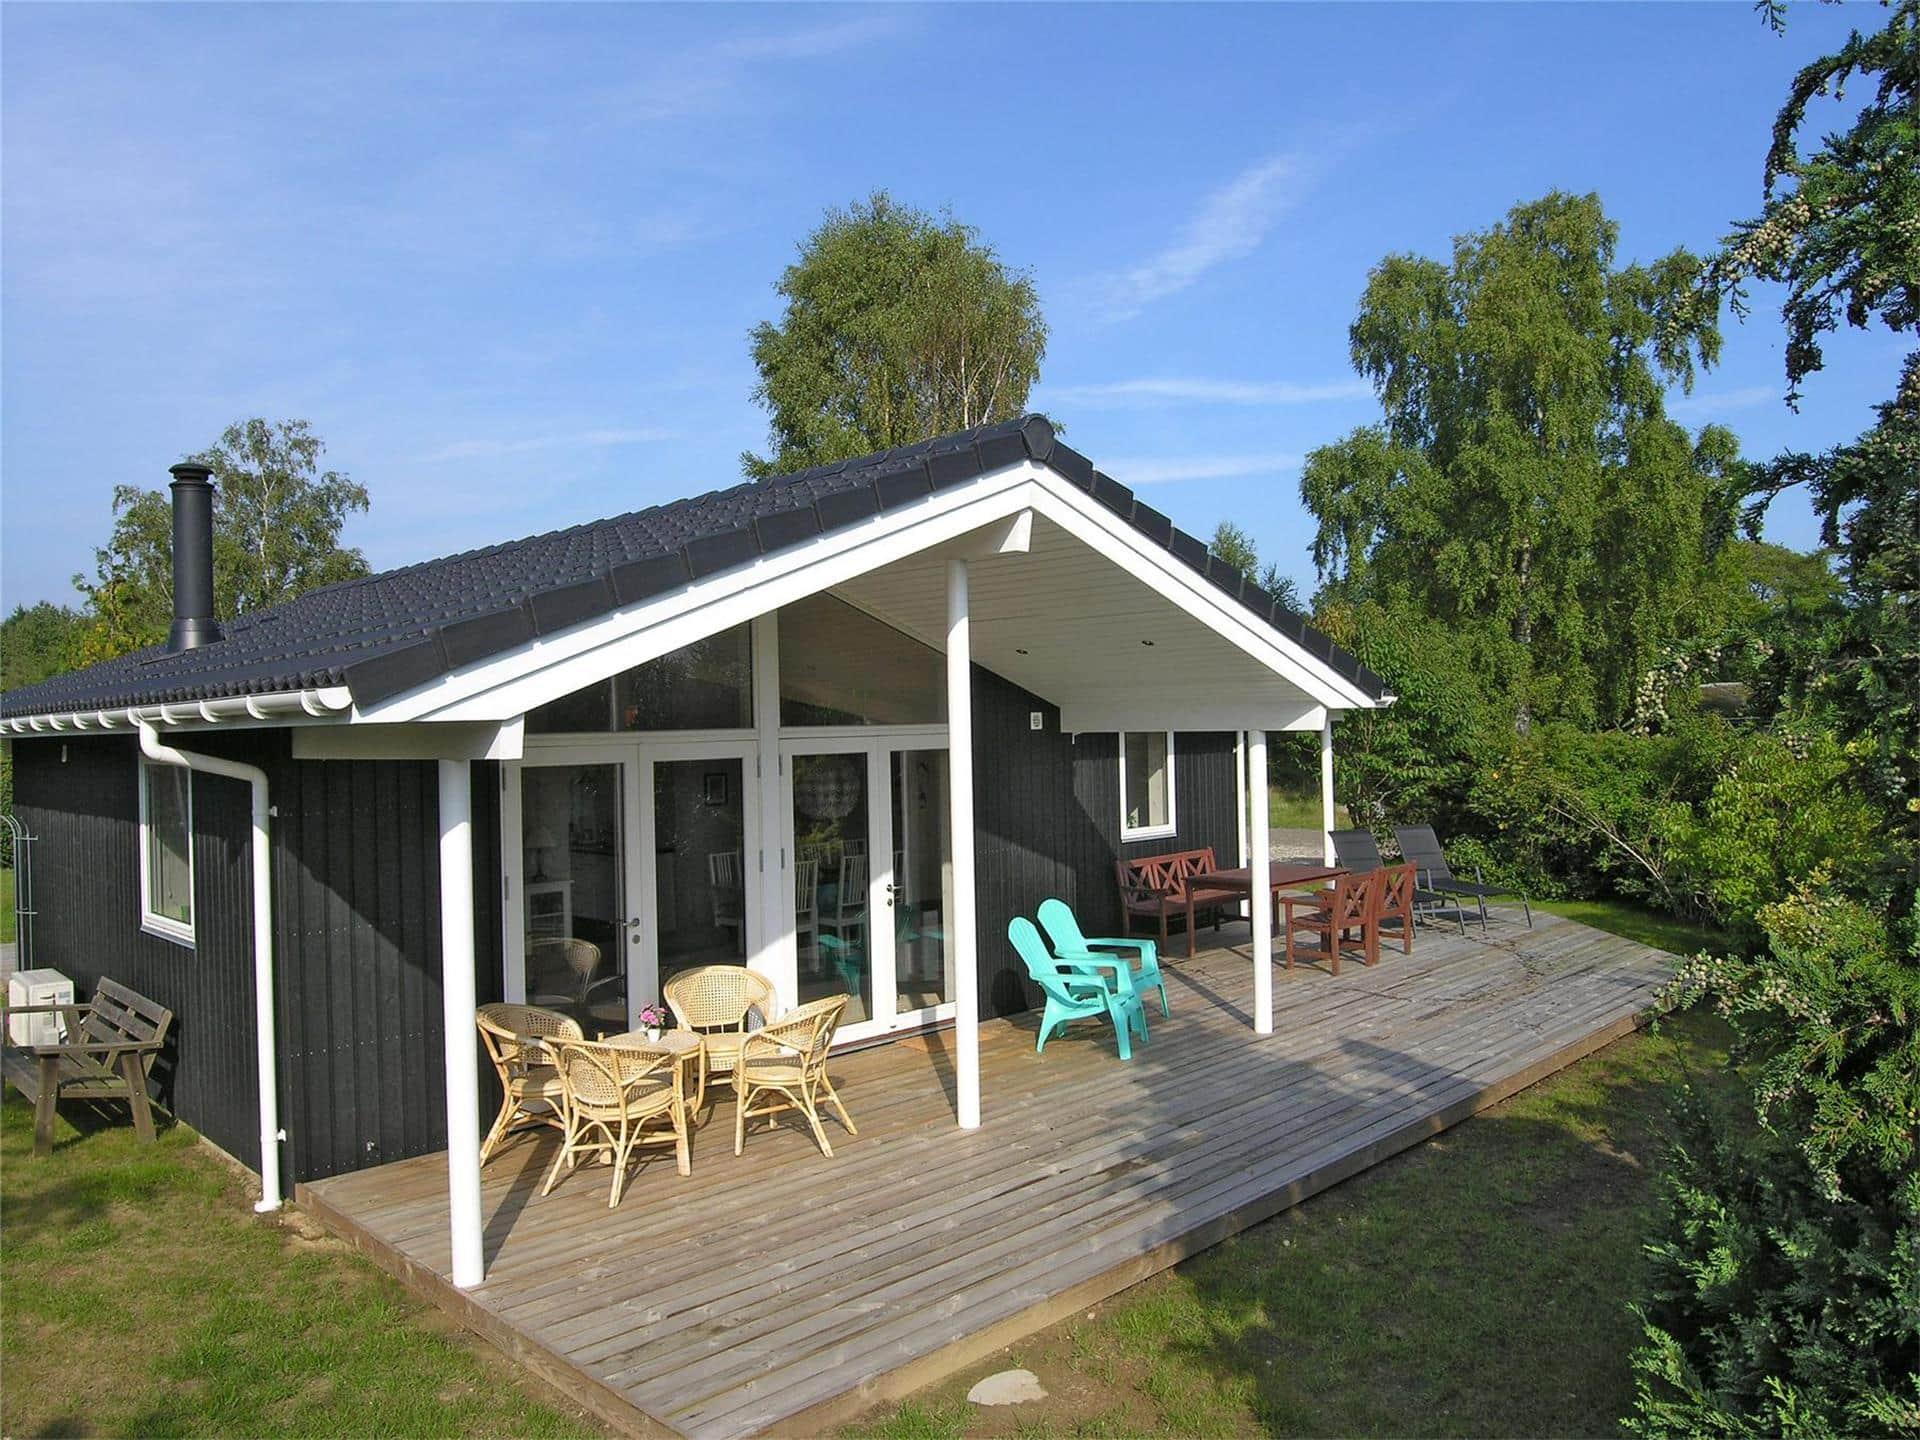 Afbeelding 1-19 Vakantiehuis 30309, Hougaardsvej 6, DK - 8300 Odder